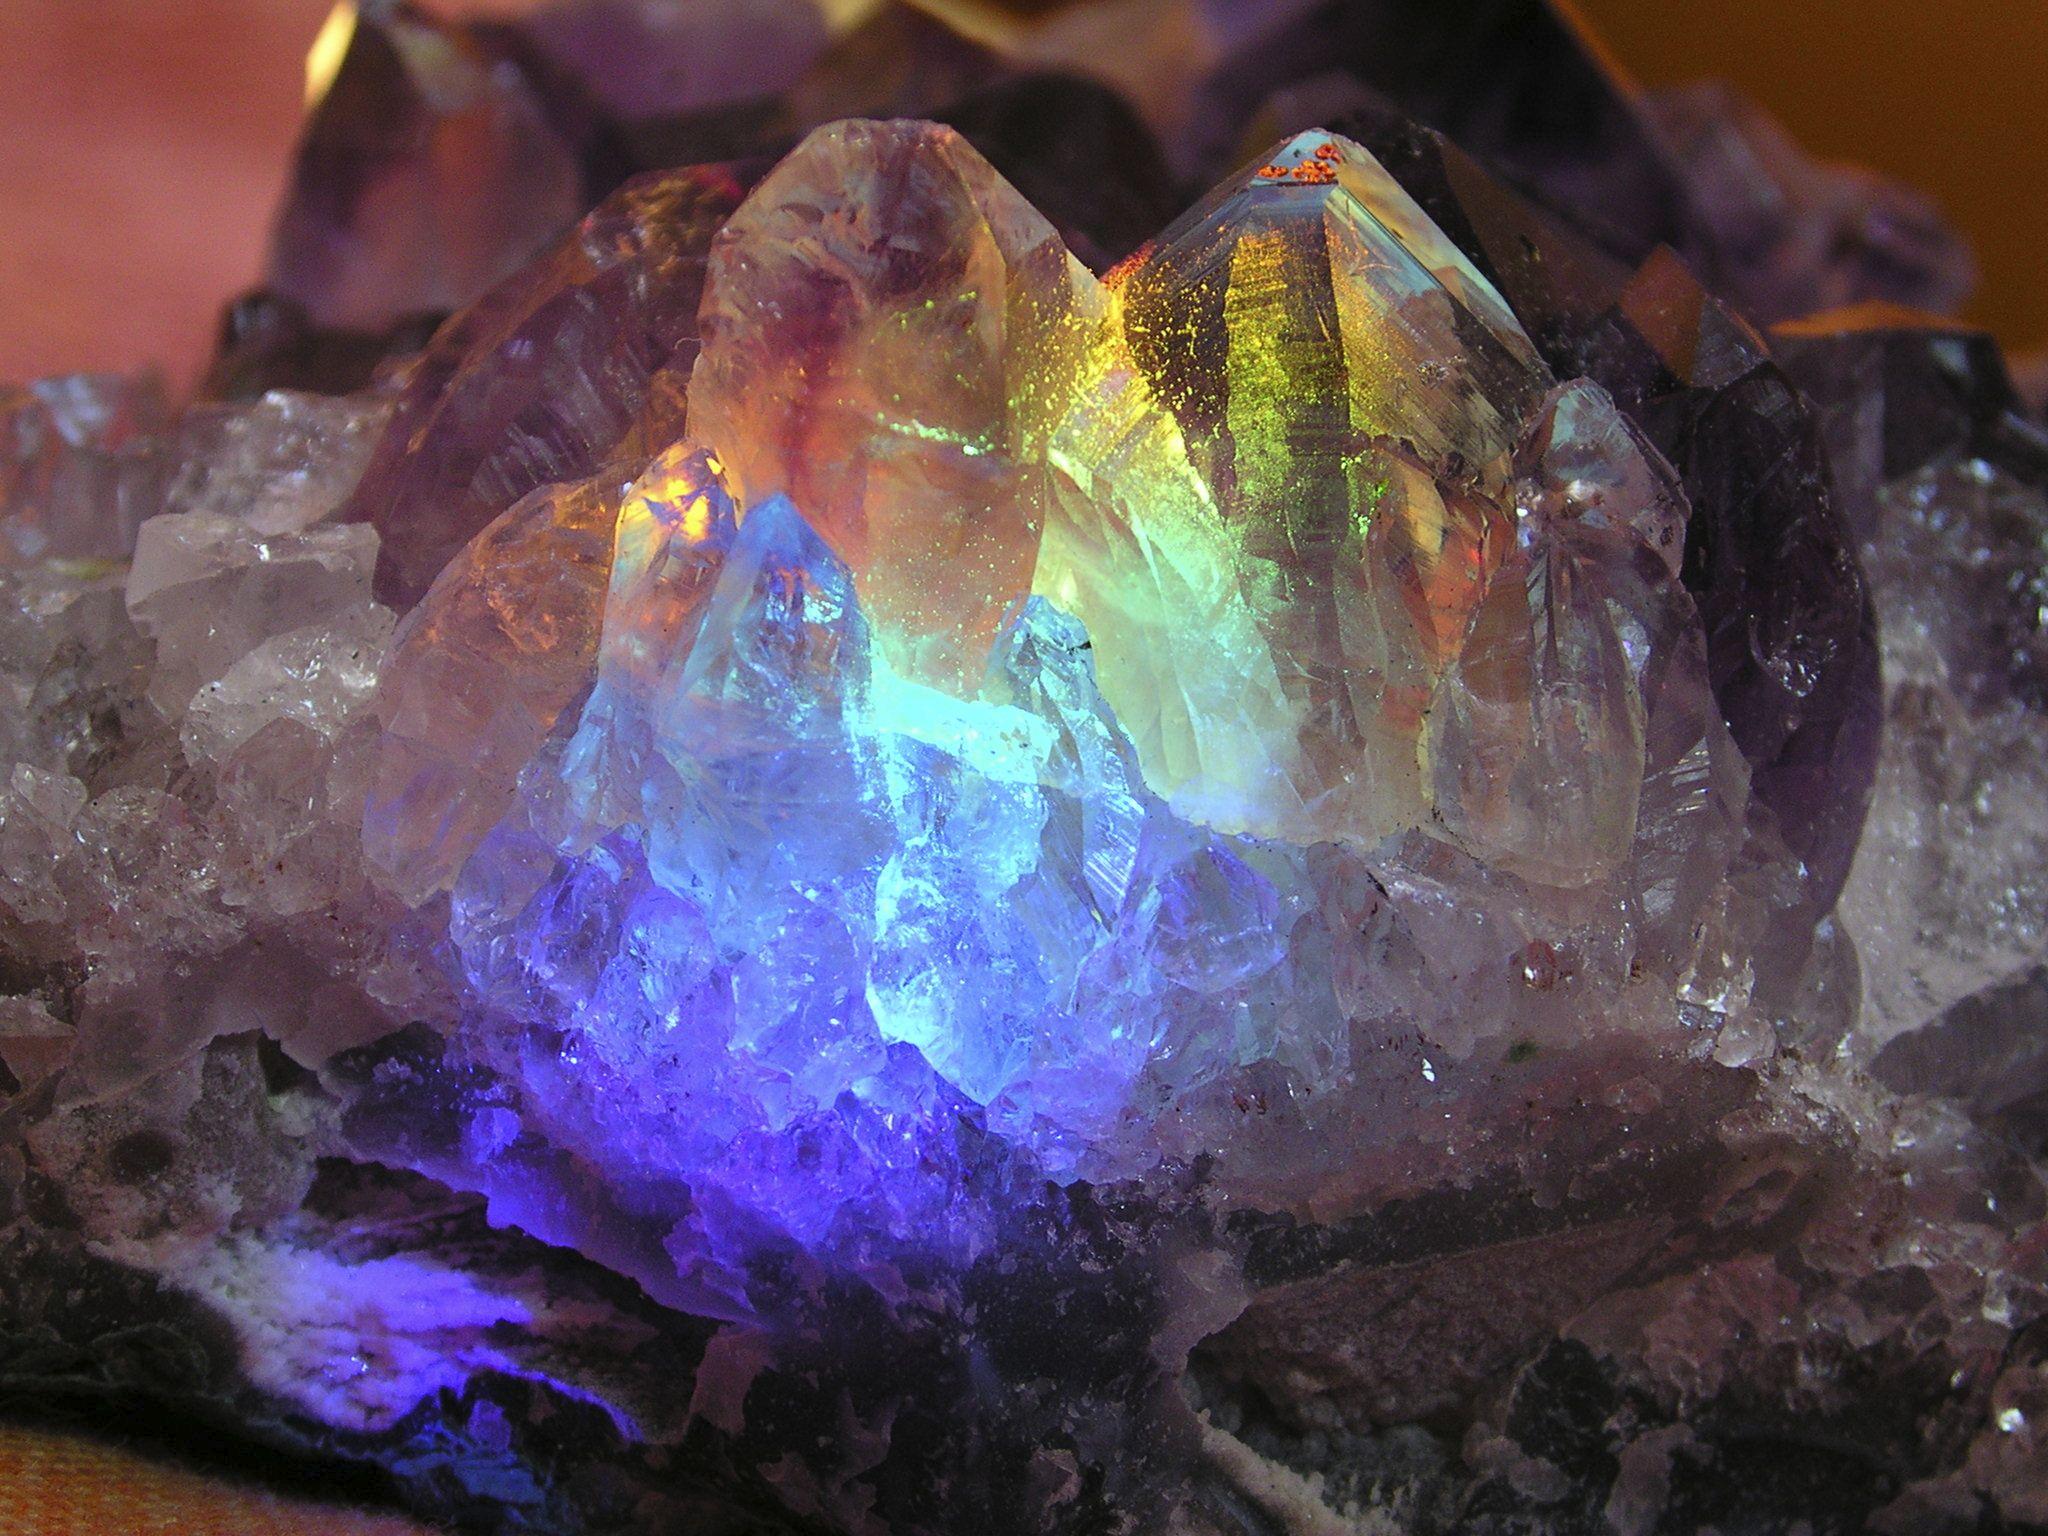 Magical magical crystals.